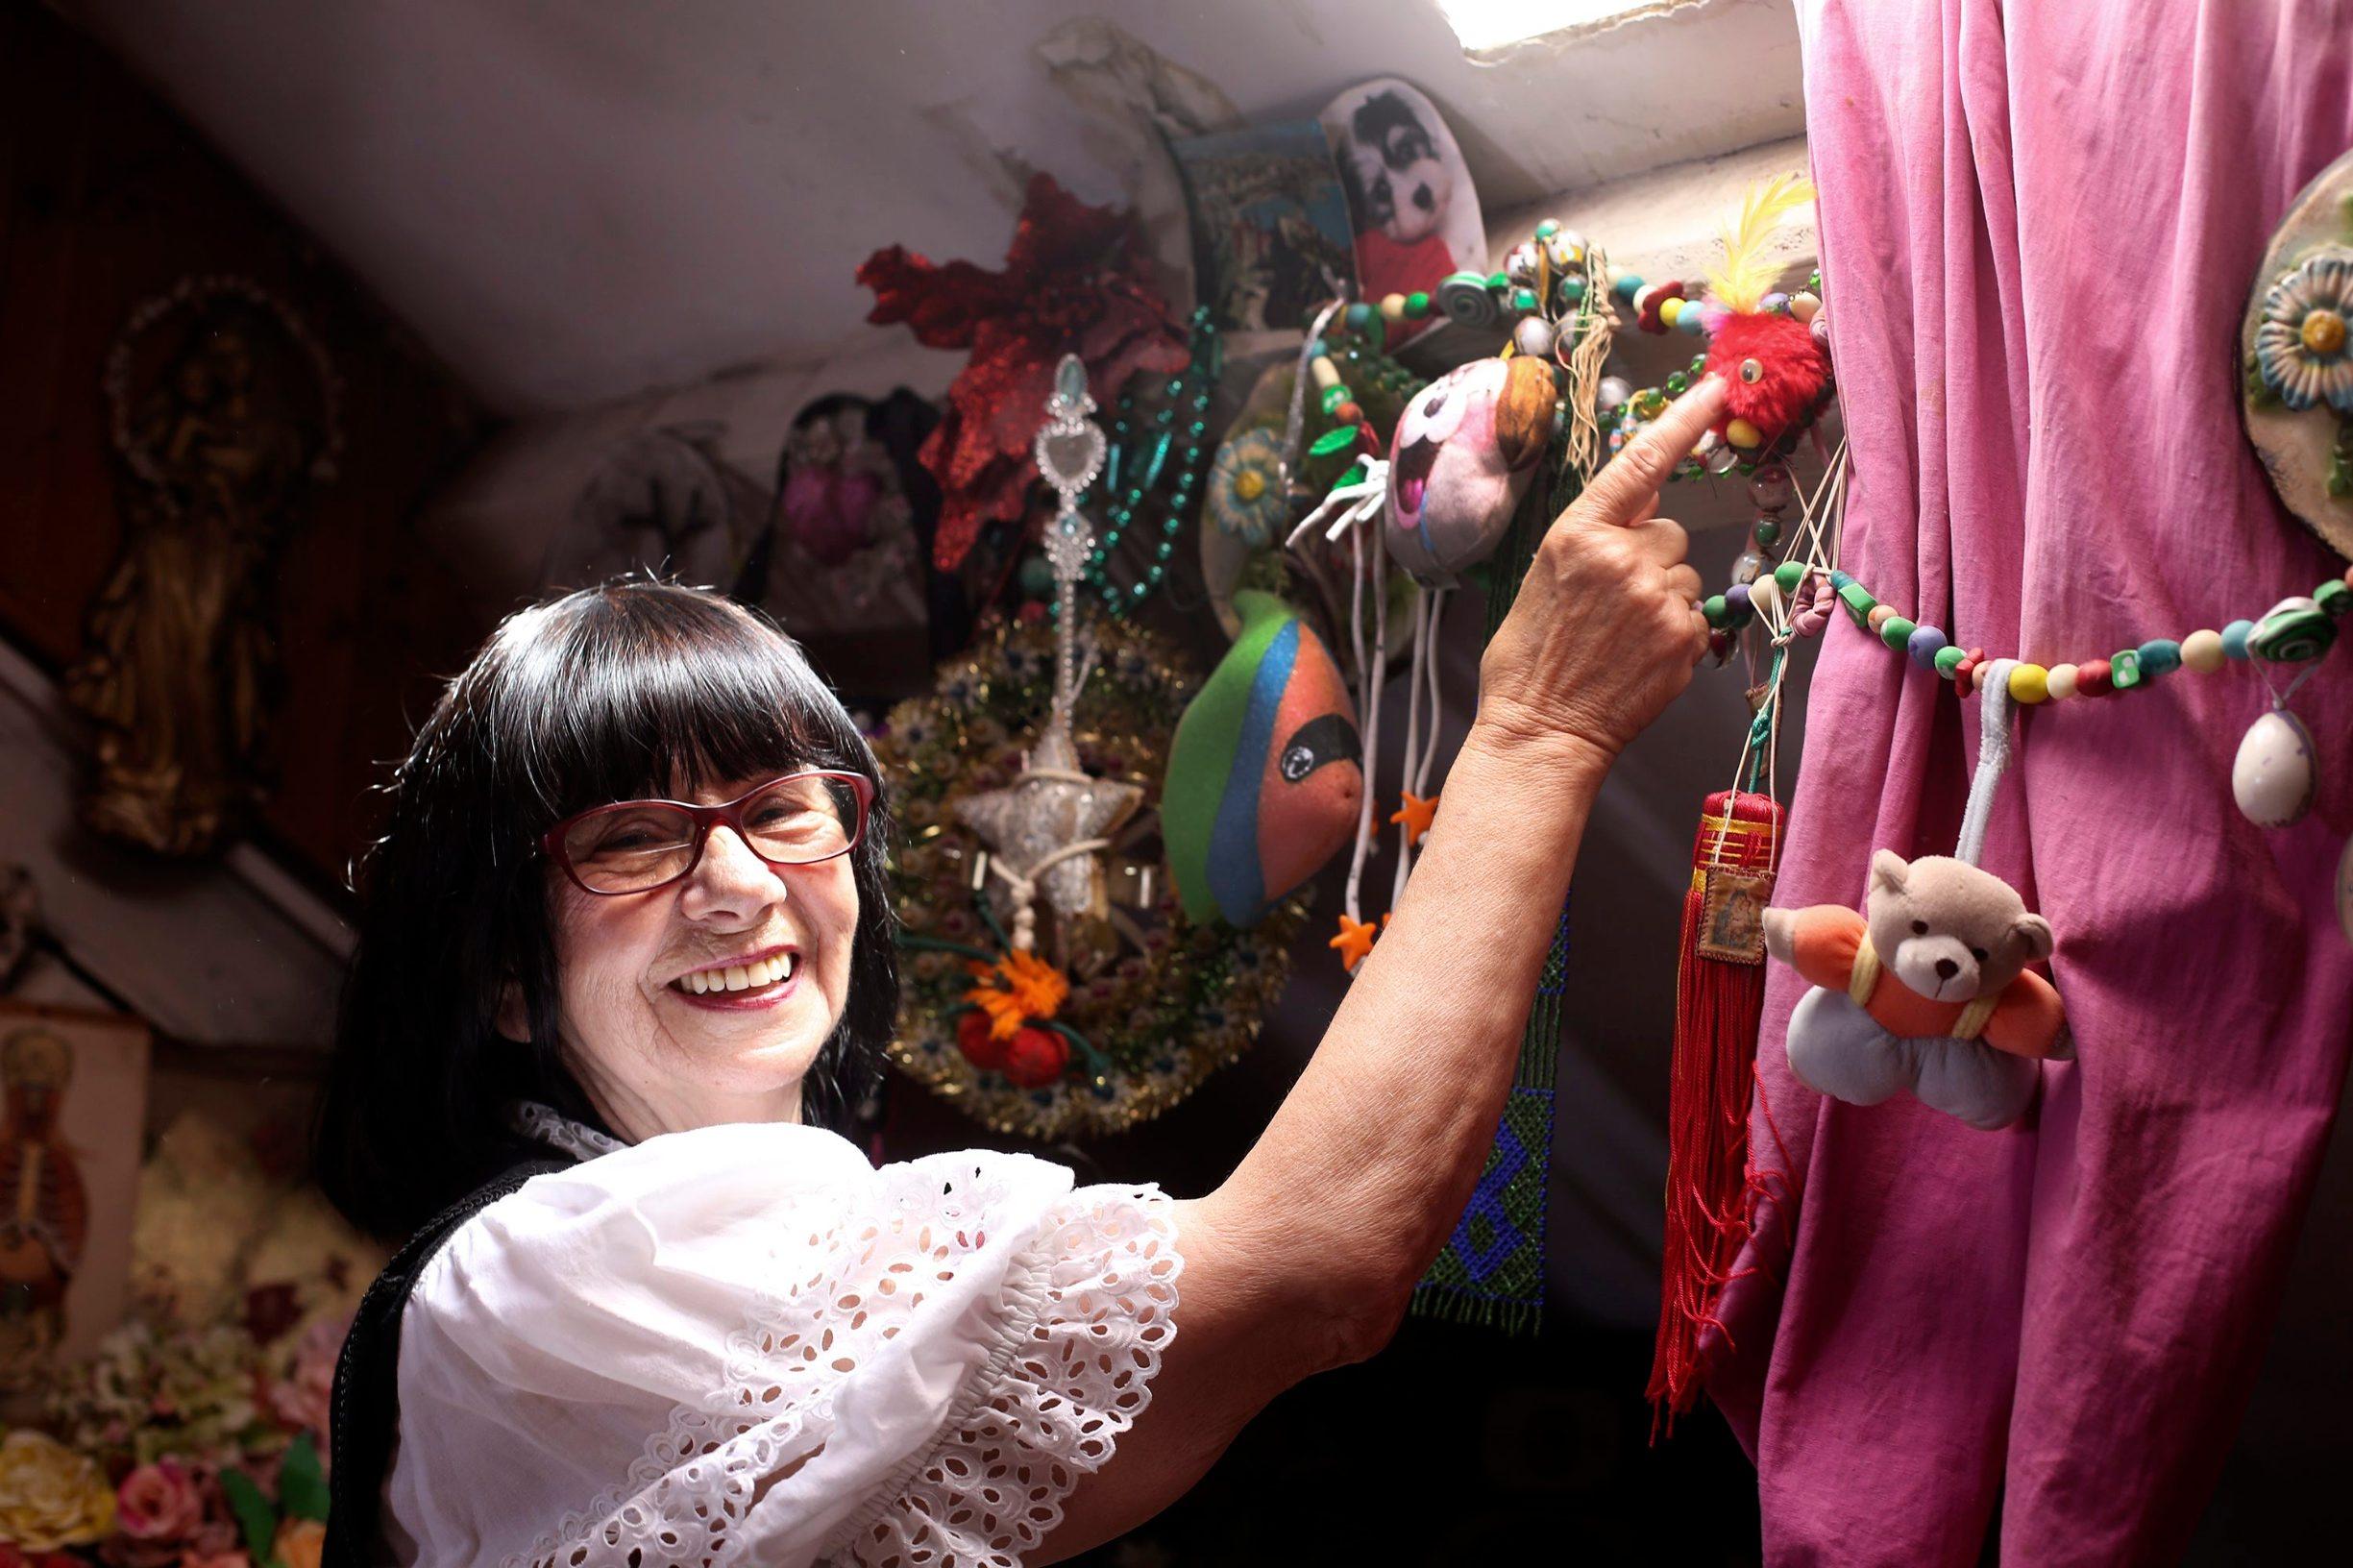 Zagreb, 080619. Zanimljiva profesorica, likovna umjetnica Jadranka Bacic skupljacica je stare odjece i zanimljivh predmeta od kojih ona stvara nove forma i materijale. Za reviju koja ce se dogoditi iz svoga velikoga fundusa ustupila je dio odjece za reviju i prodaju. Foto: Berislava Picek / CROPIX